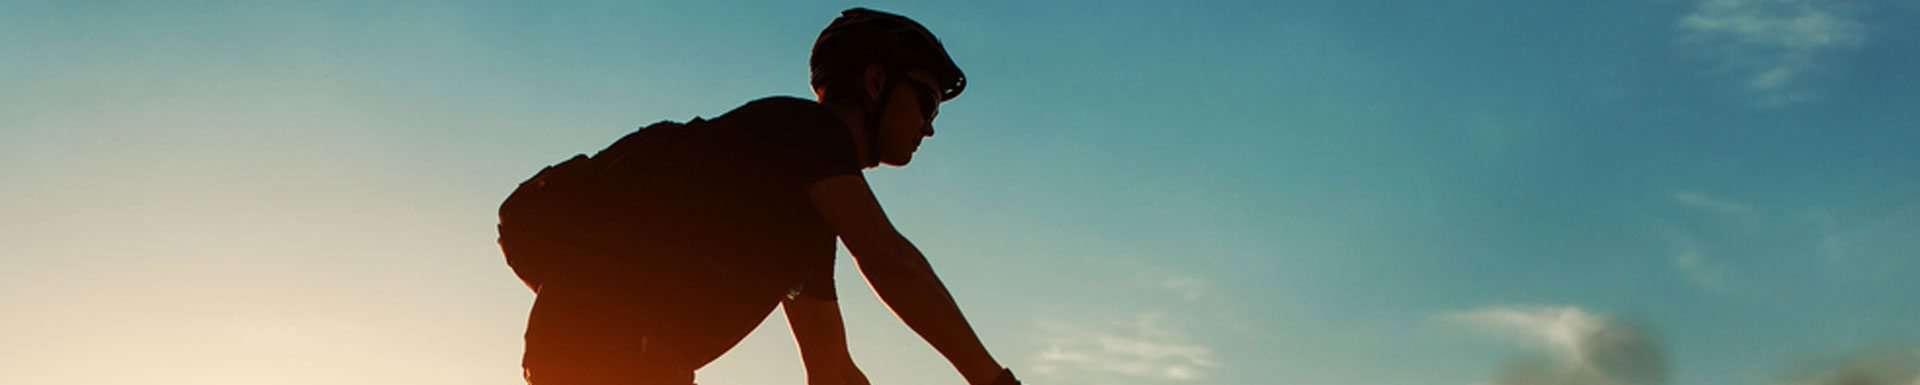 banner-bike1920x385